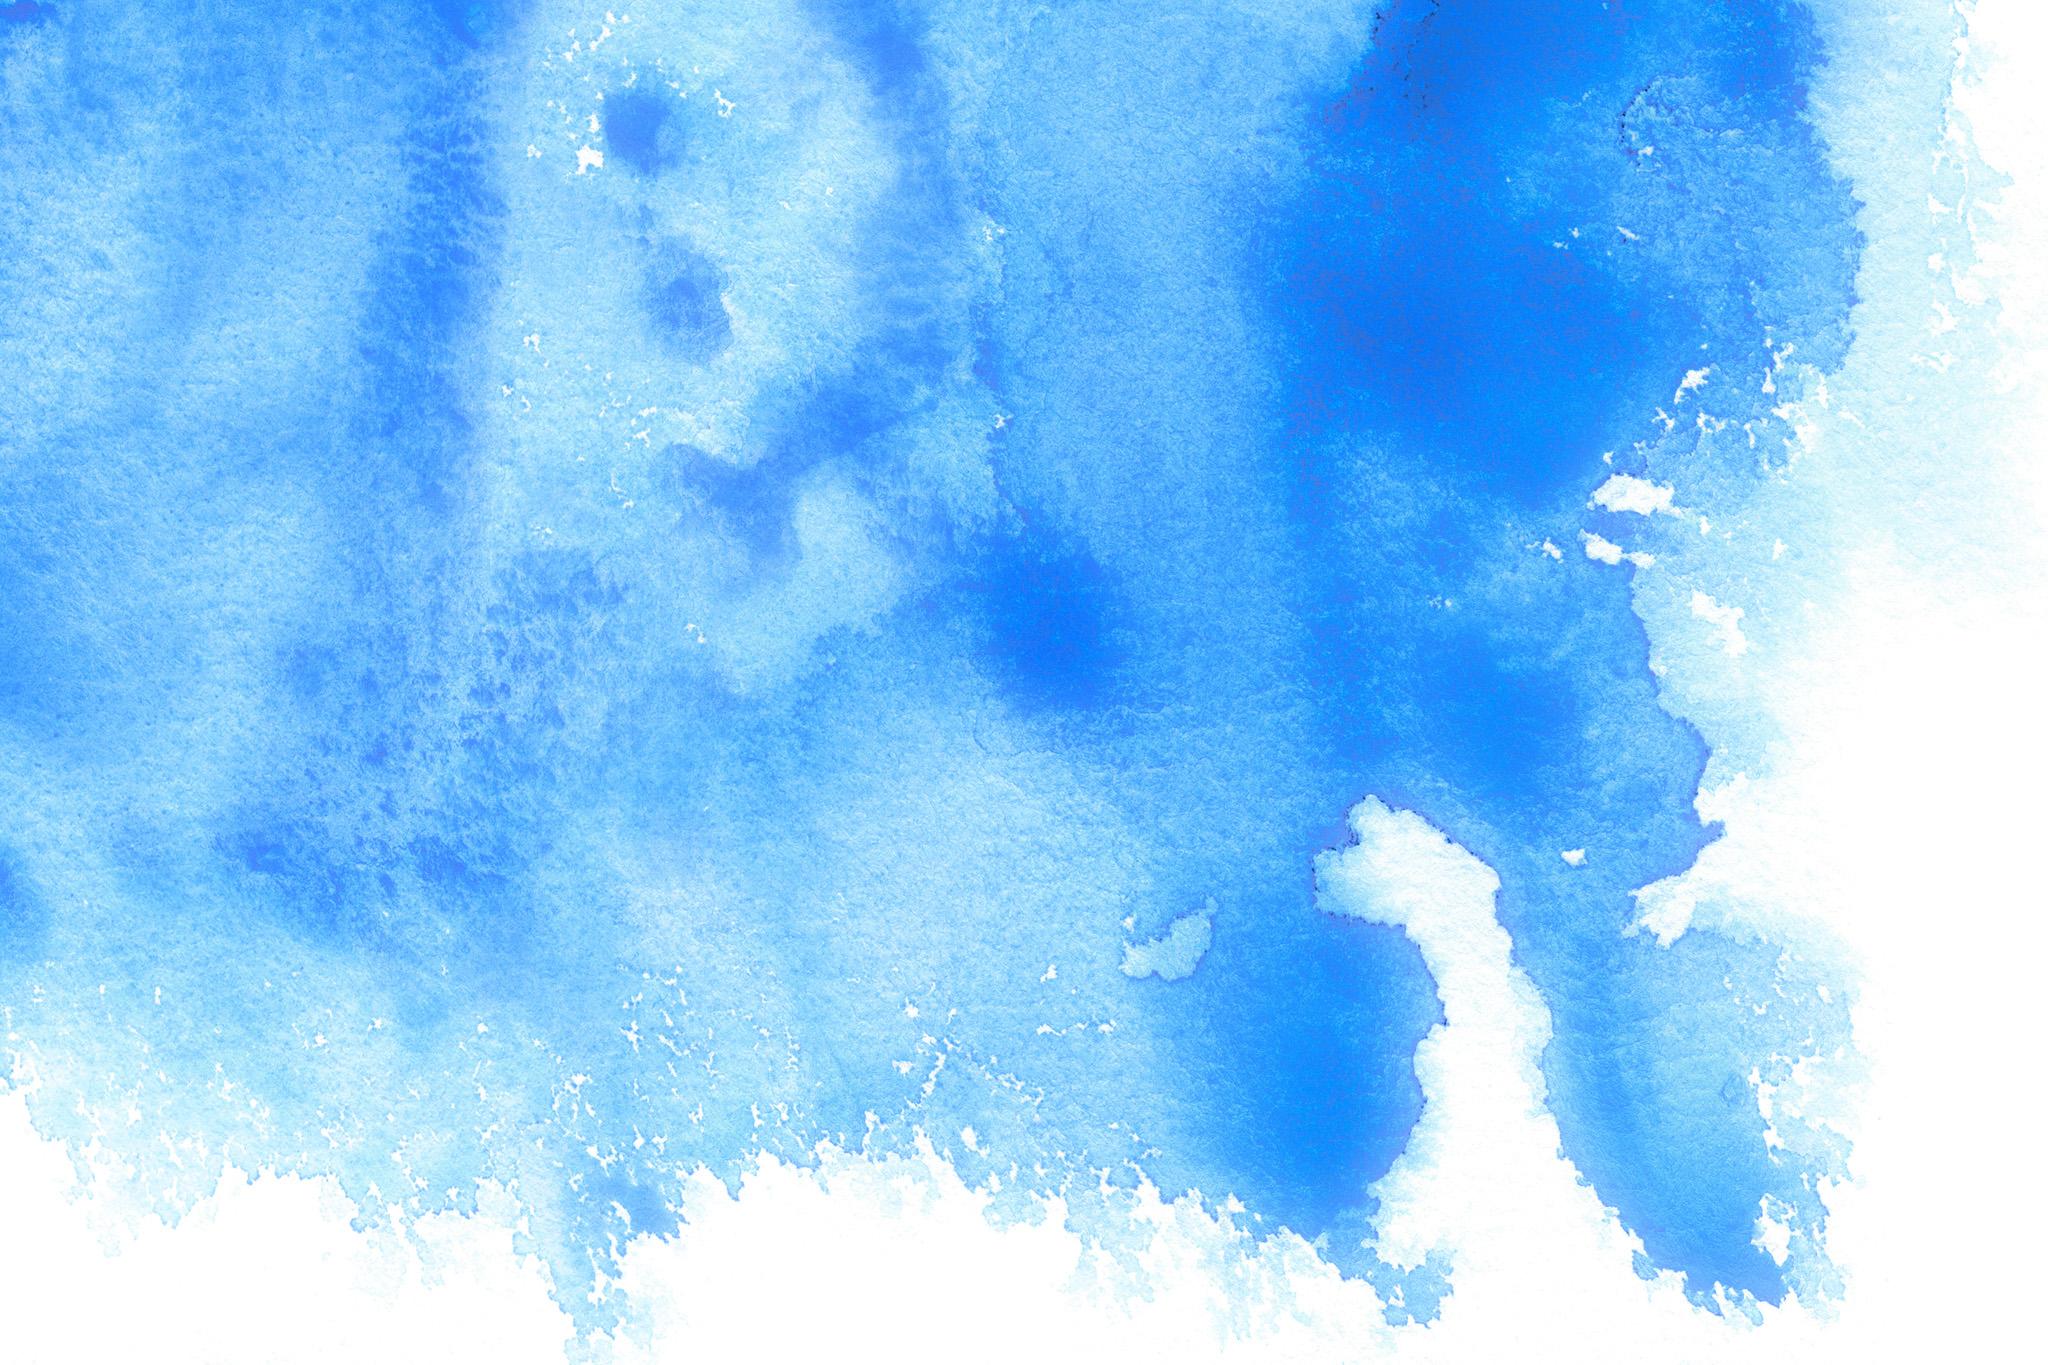 「ブルーが滲む水彩テクスチャ」